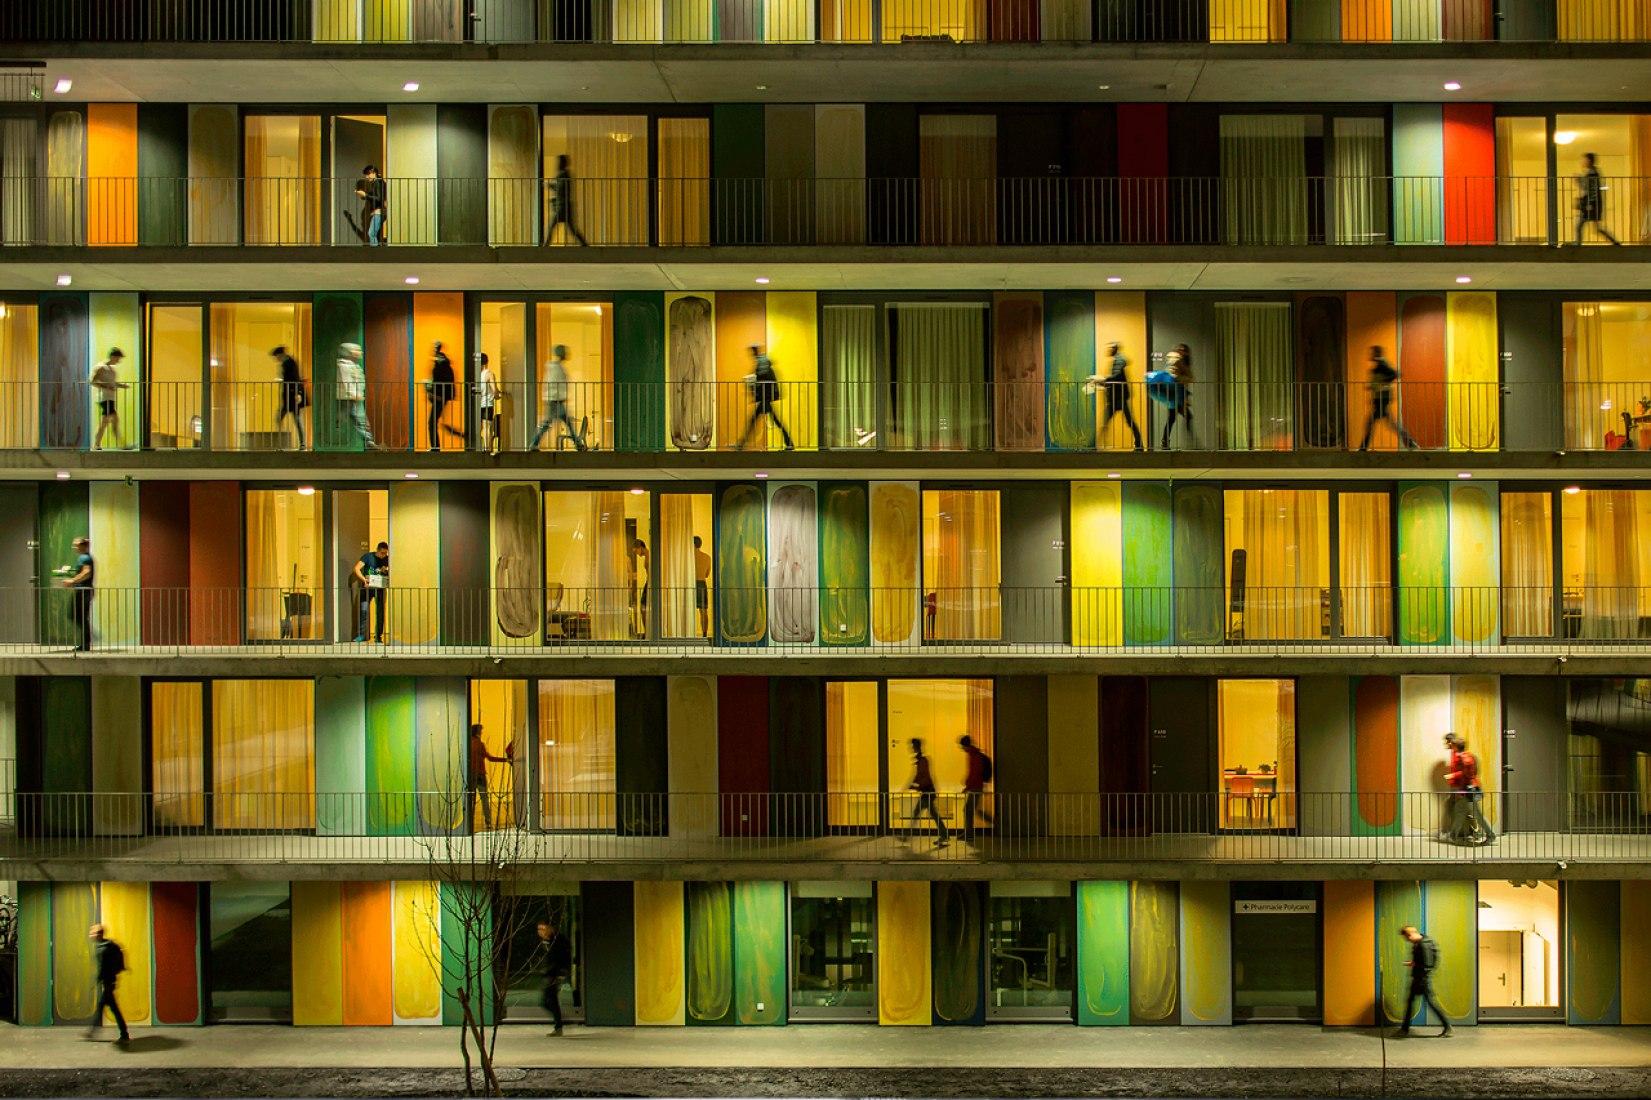 Fotógrafo.- Fernando Guerra. Arquitecto.- Richter Dahl Rocha & Associés.